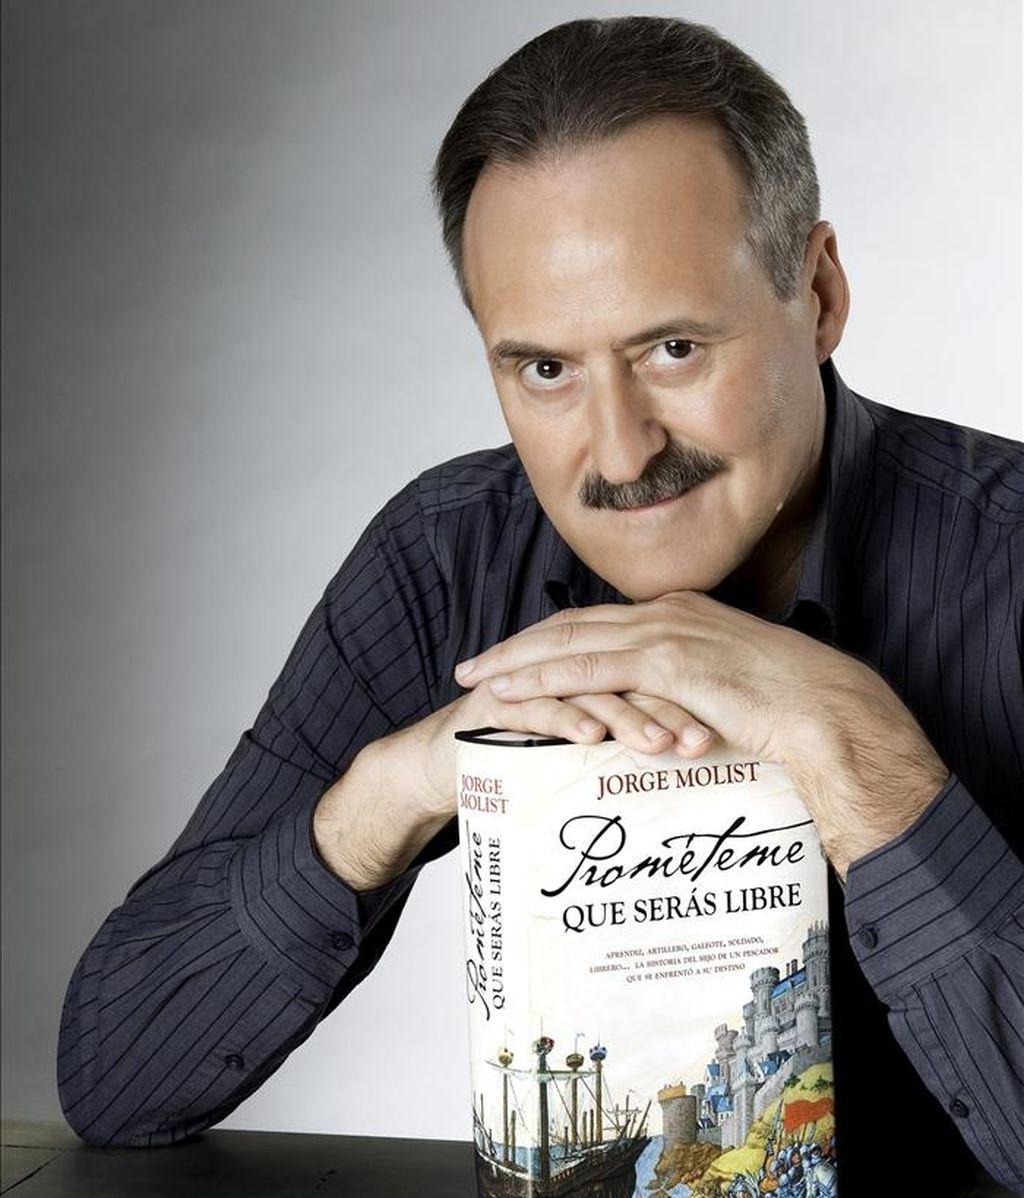 """Fotografía facilitada por la editorial Temas de Hoy del escritor barcelonés Jorge Molins con un ejemplar de su último trabajo, """"Prométeme que serás libre"""". Molist, en una entrevista con Efe, reconoce ciertos paralelismos autobiográficos con el protagonista de esta novela, ya que, como Joan Serra, él también fue aprendiz en una imprenta, donde su padre le puso a trabajar a los 14 años para """"inculcarle"""" el amor por los libros. EFE"""